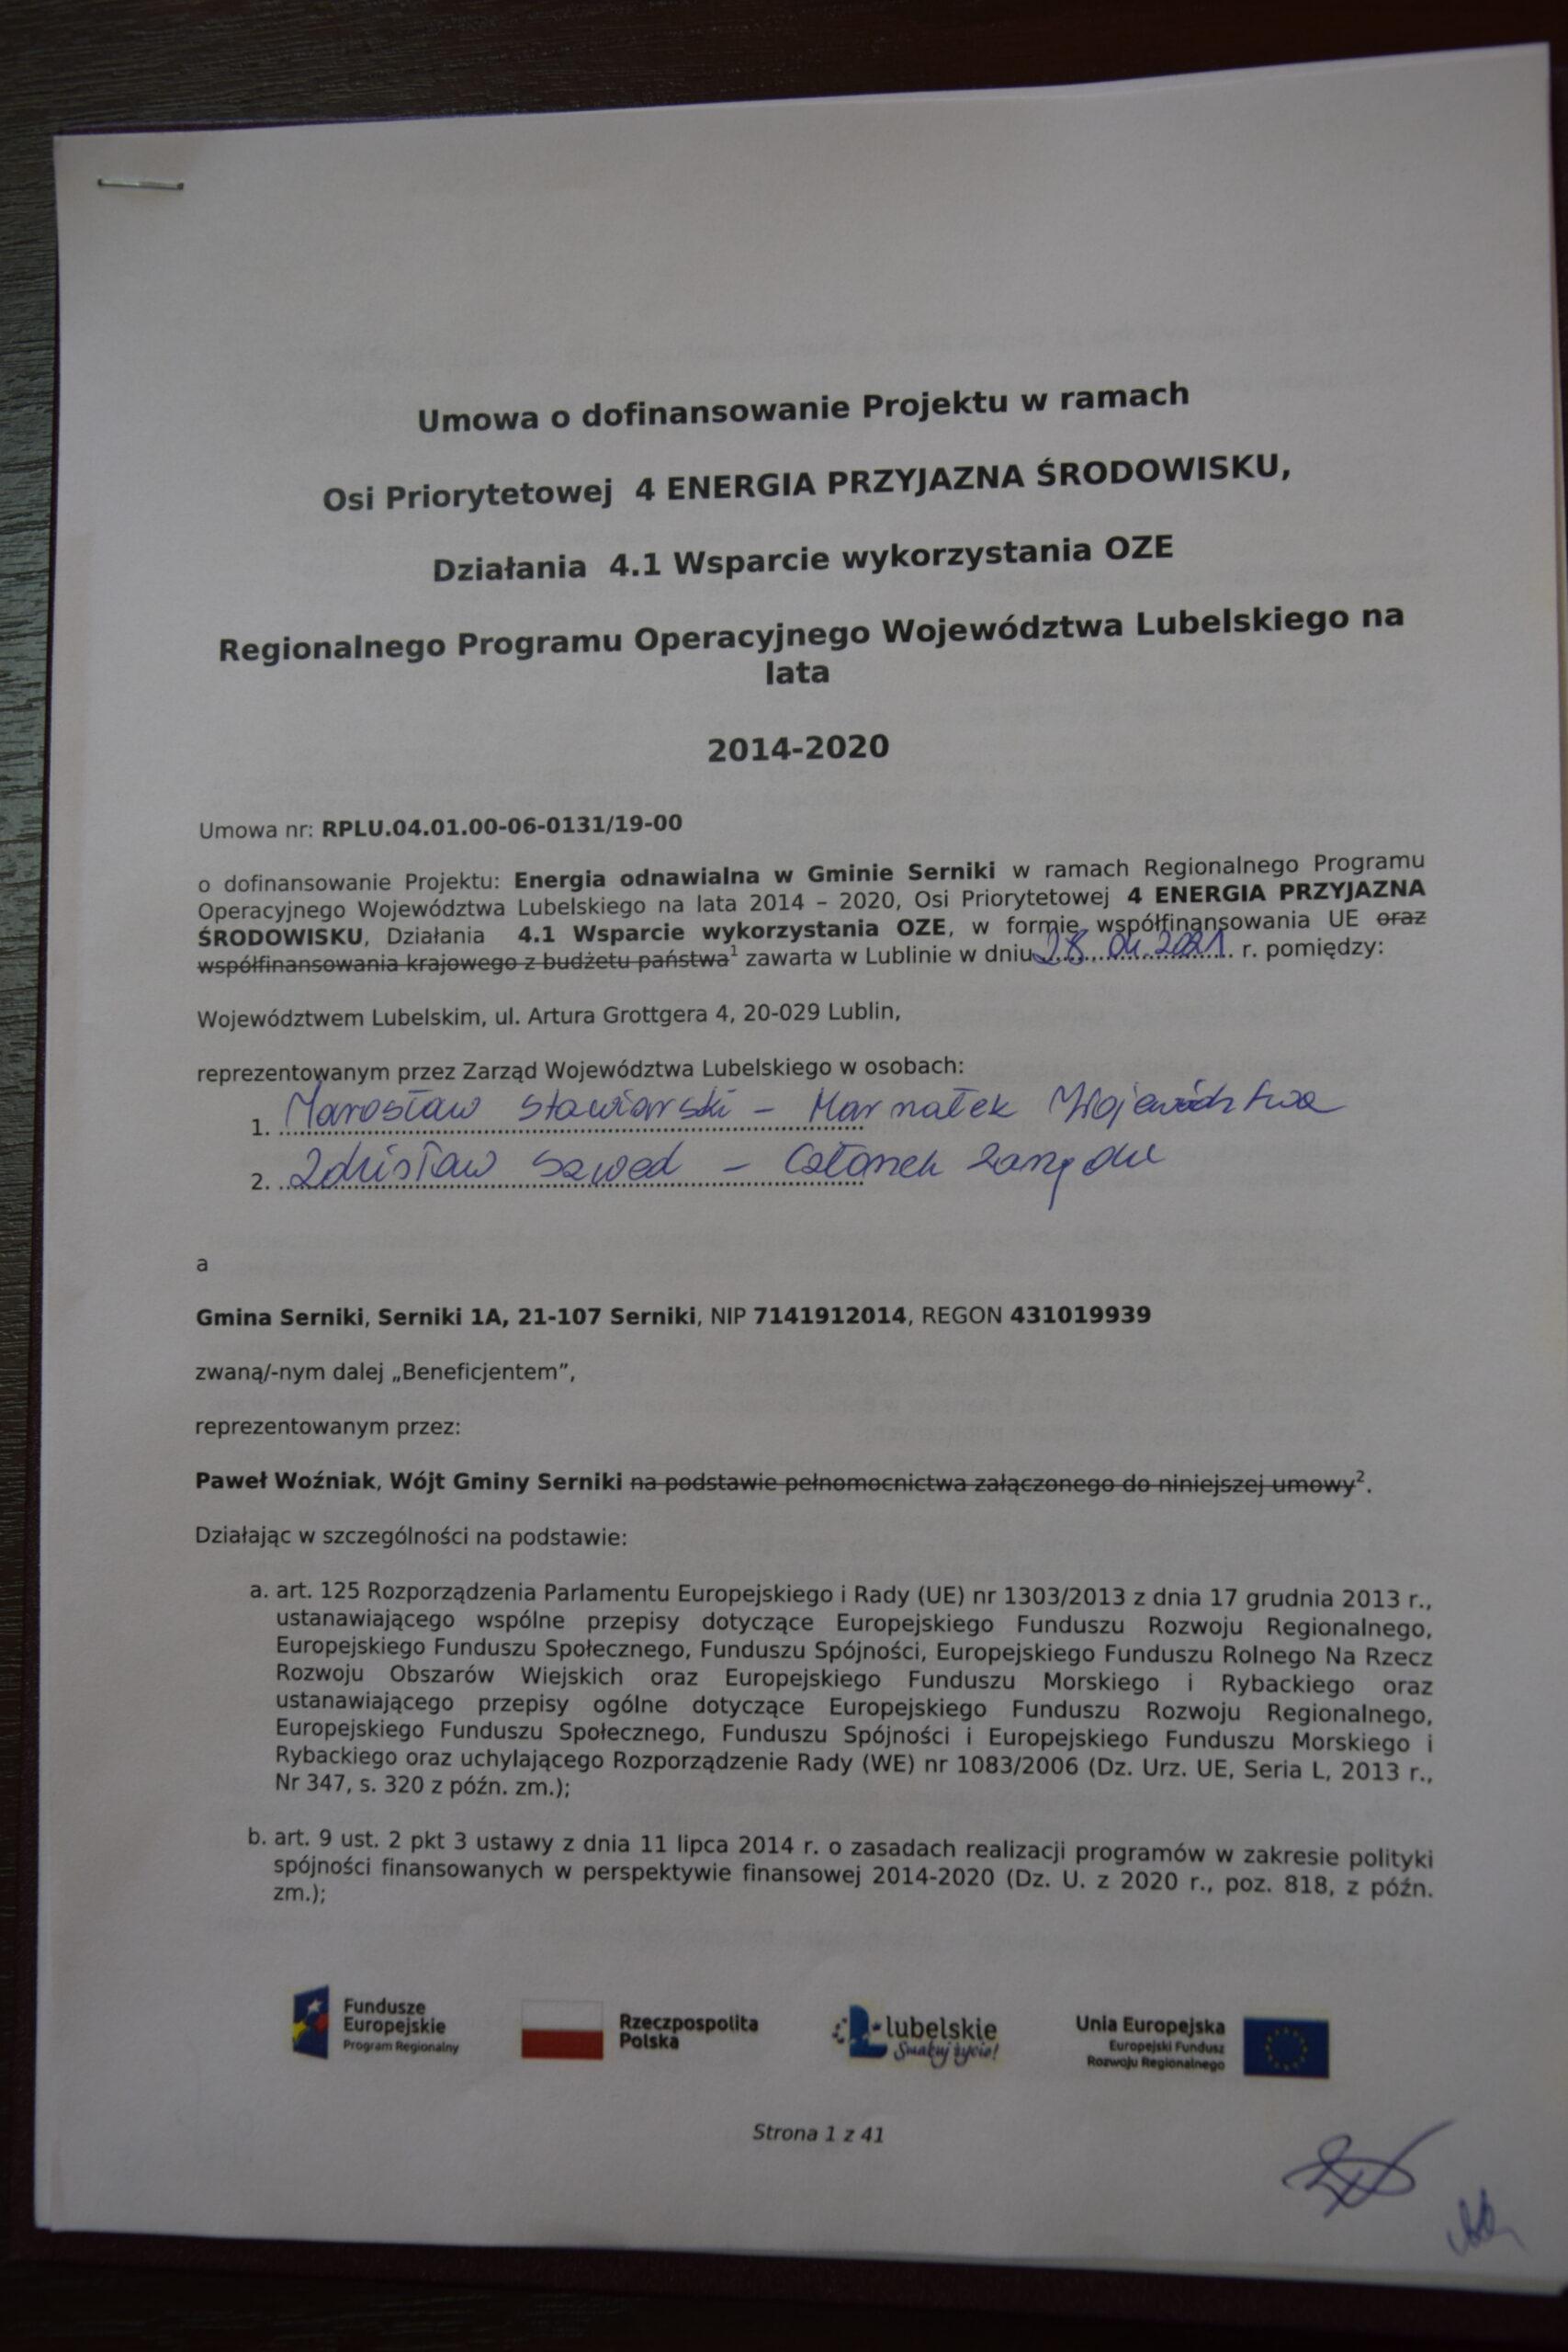 Zdjęcie przedstawia pierwszą stronę umowy o dofinansowanie projektu w ramach osi prorytetowej 4 Energia przyjazna środowisku, Działania 4.1 Wsparcie wykorzystania OZE Regionalnego Programu Operacyjnego Województwa Lubelskiego na lata 2014-2020